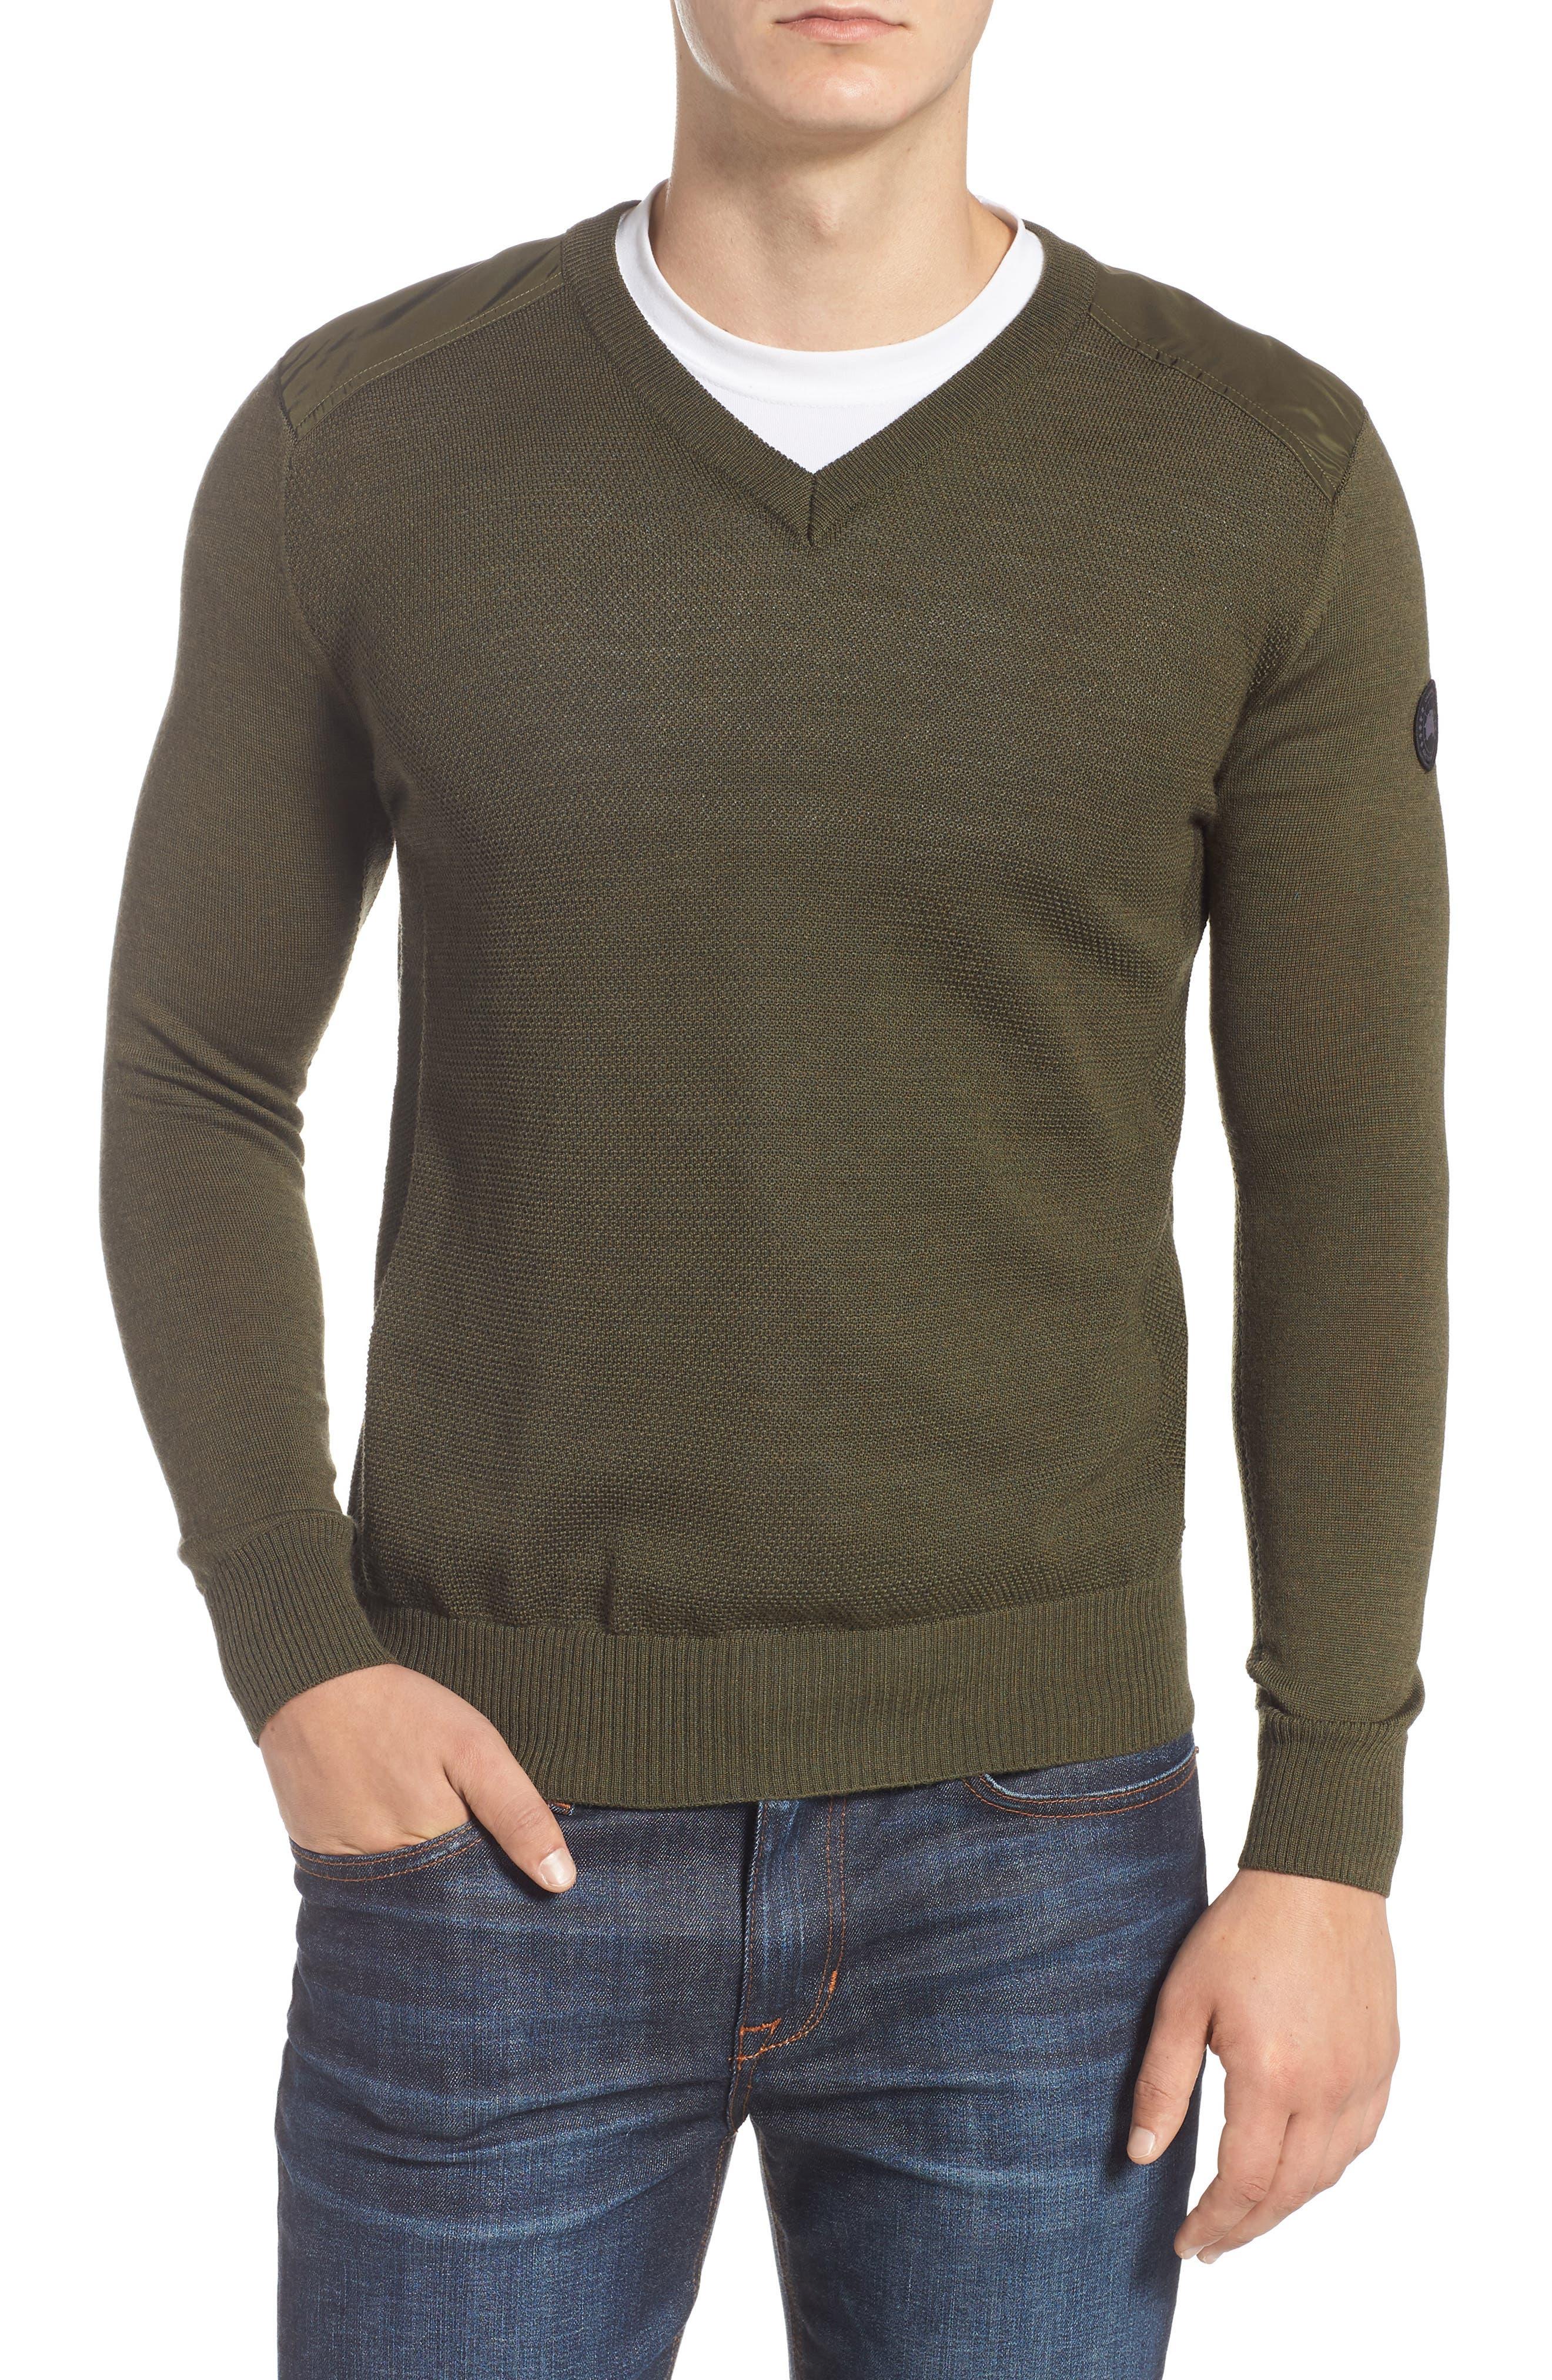 e074b5df15e Men s Green Sweaters